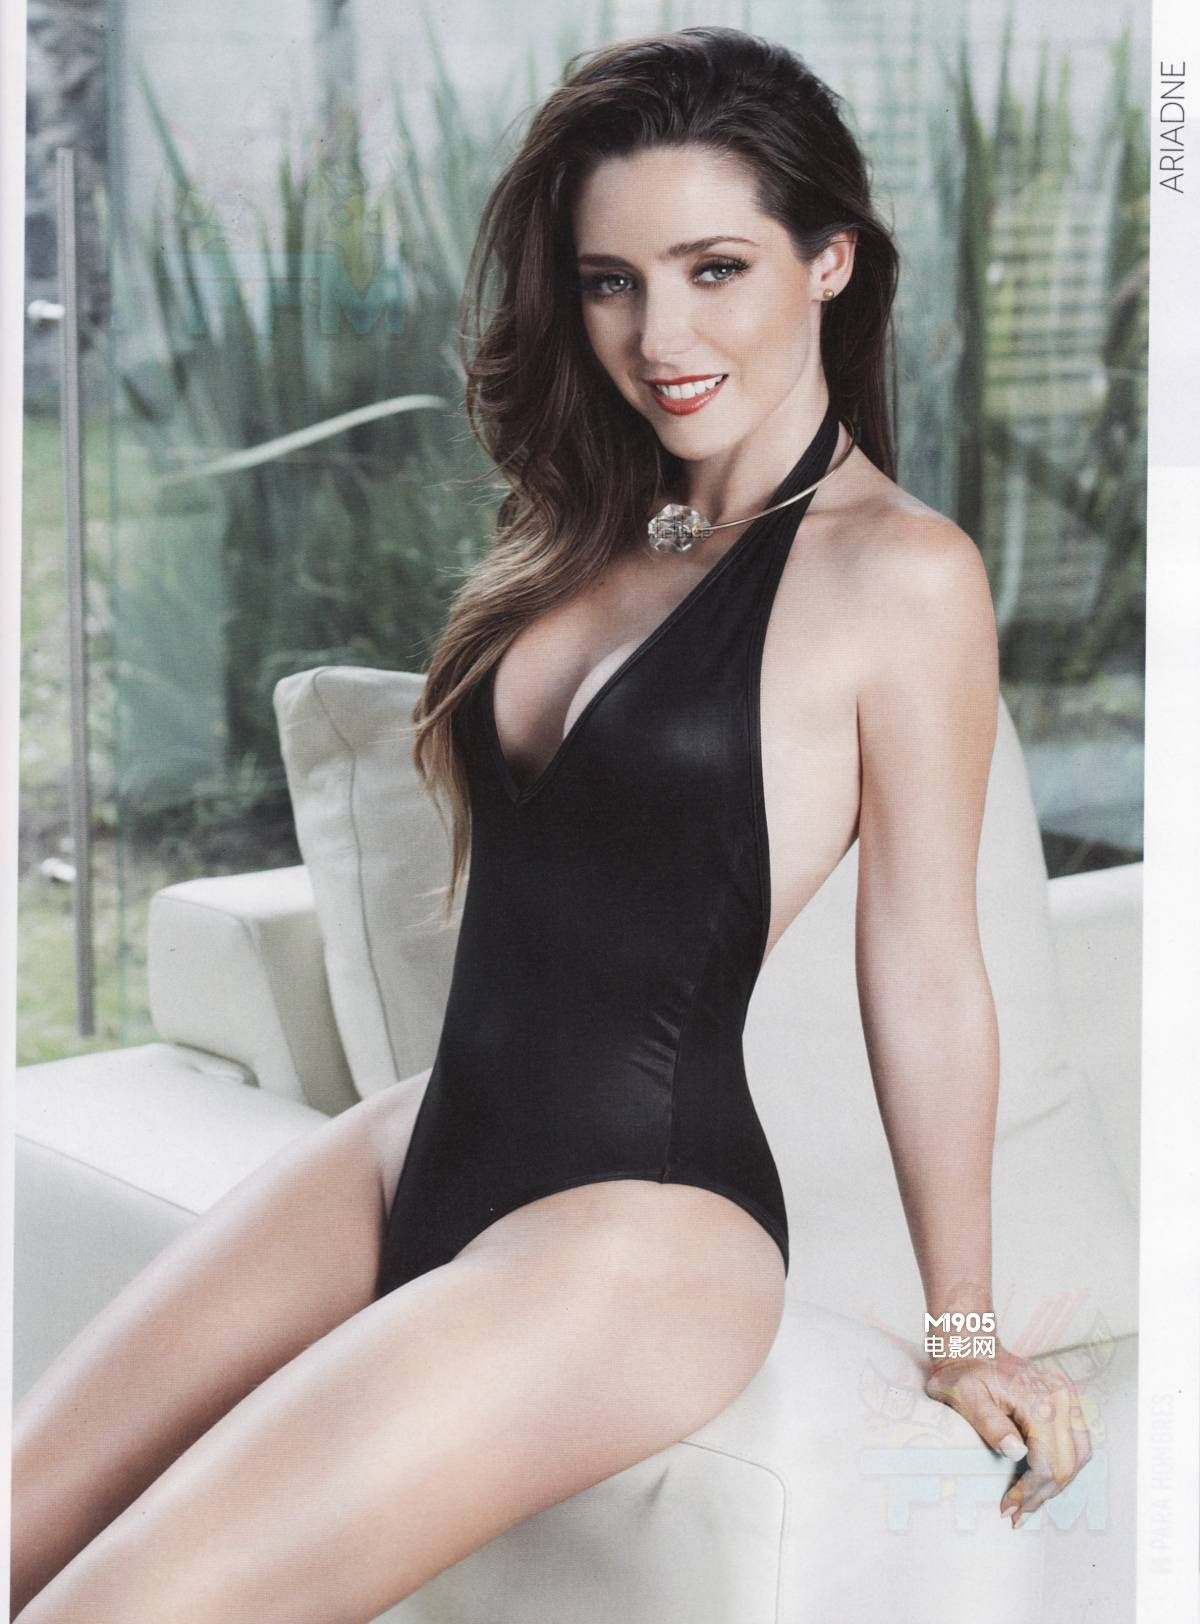 迪亚兹海量内衣写真捂丰满胸部 半裸露白嫩美背